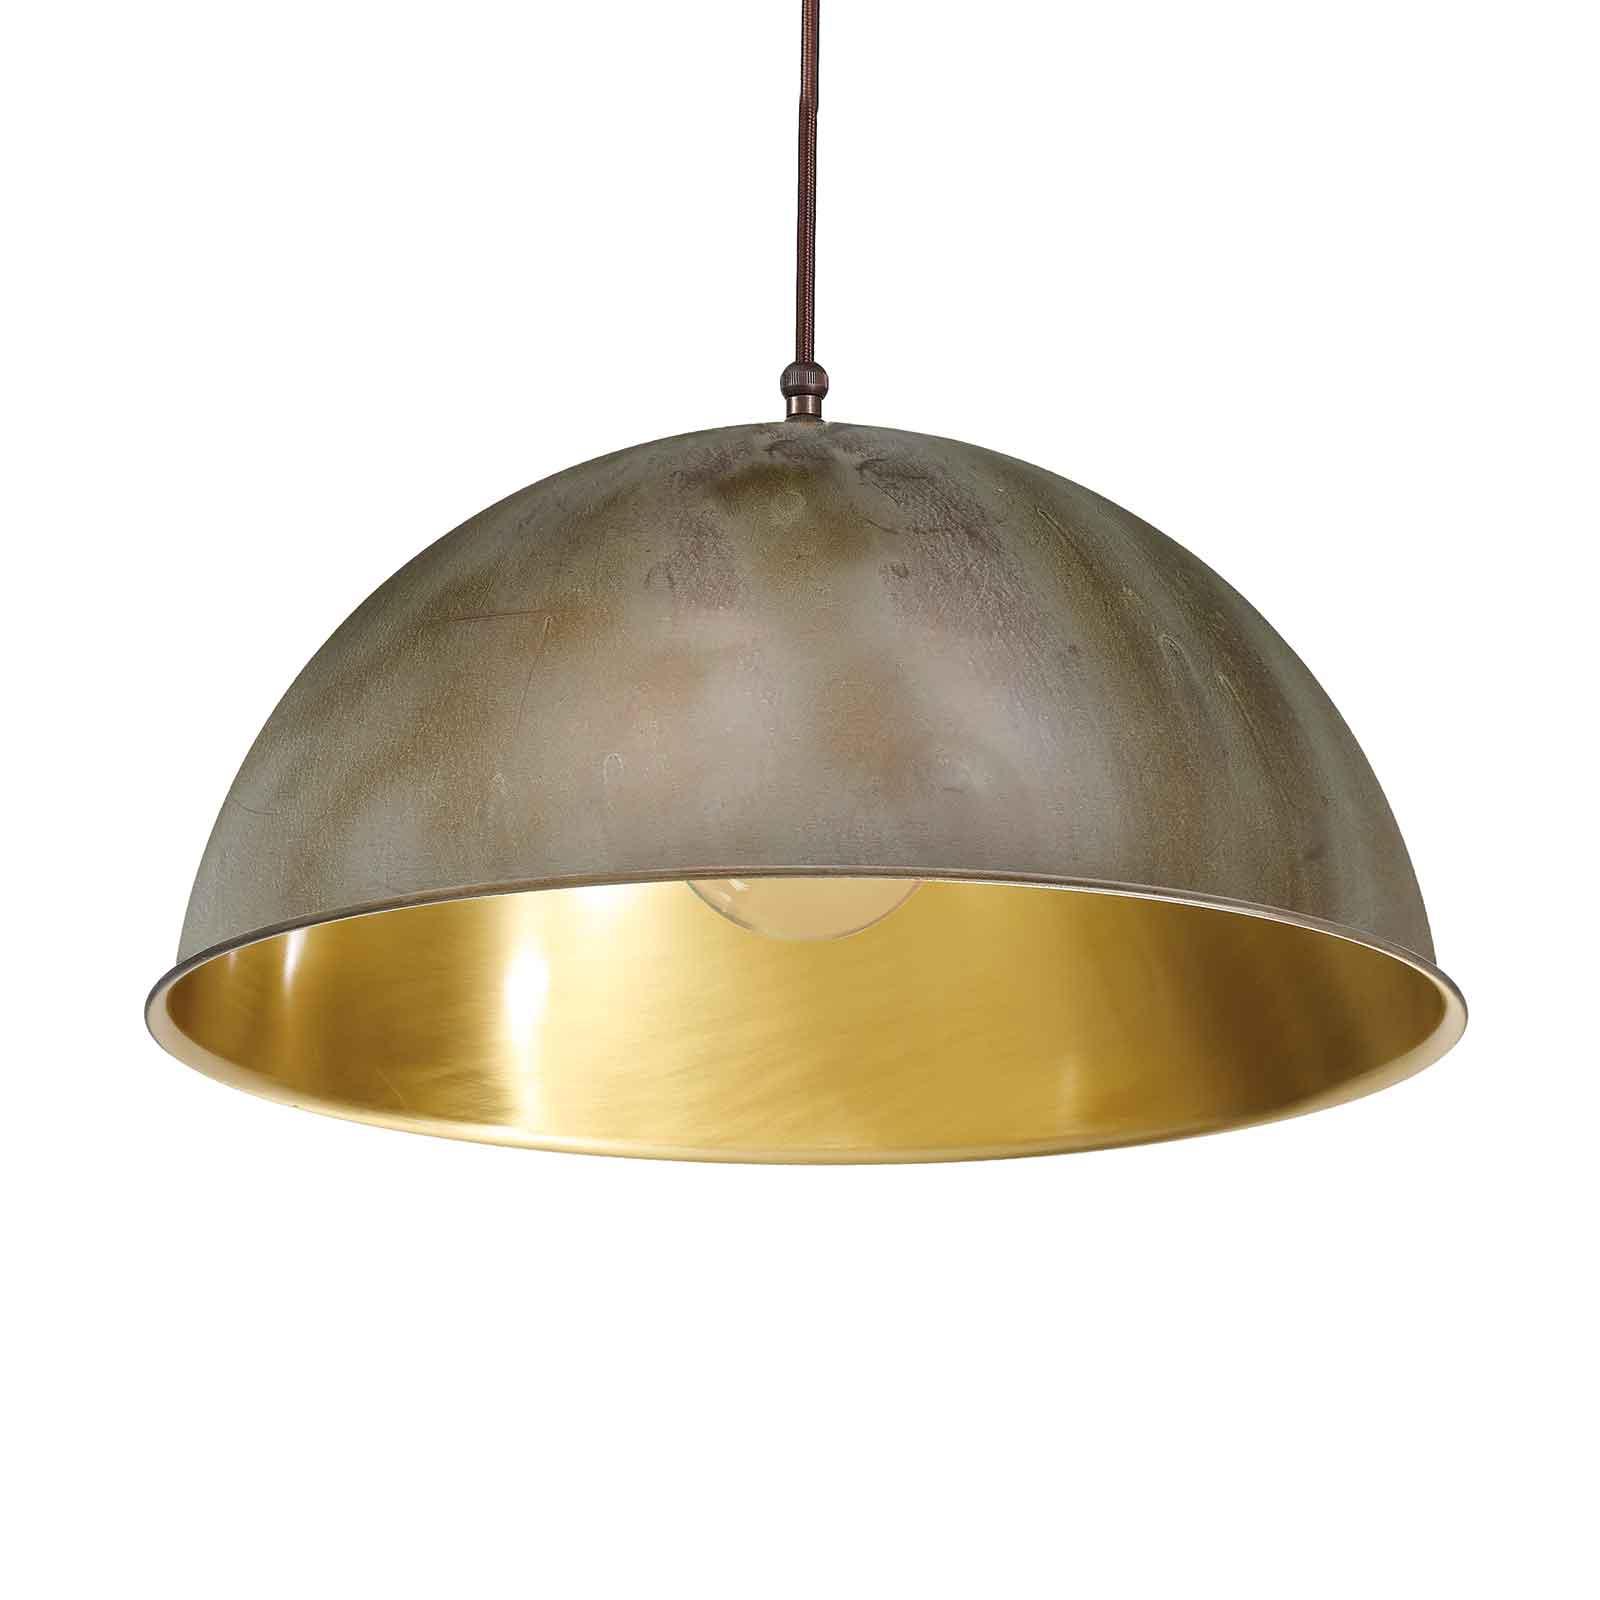 Hanglamp Circle goud / messing antiek, Ø30cm